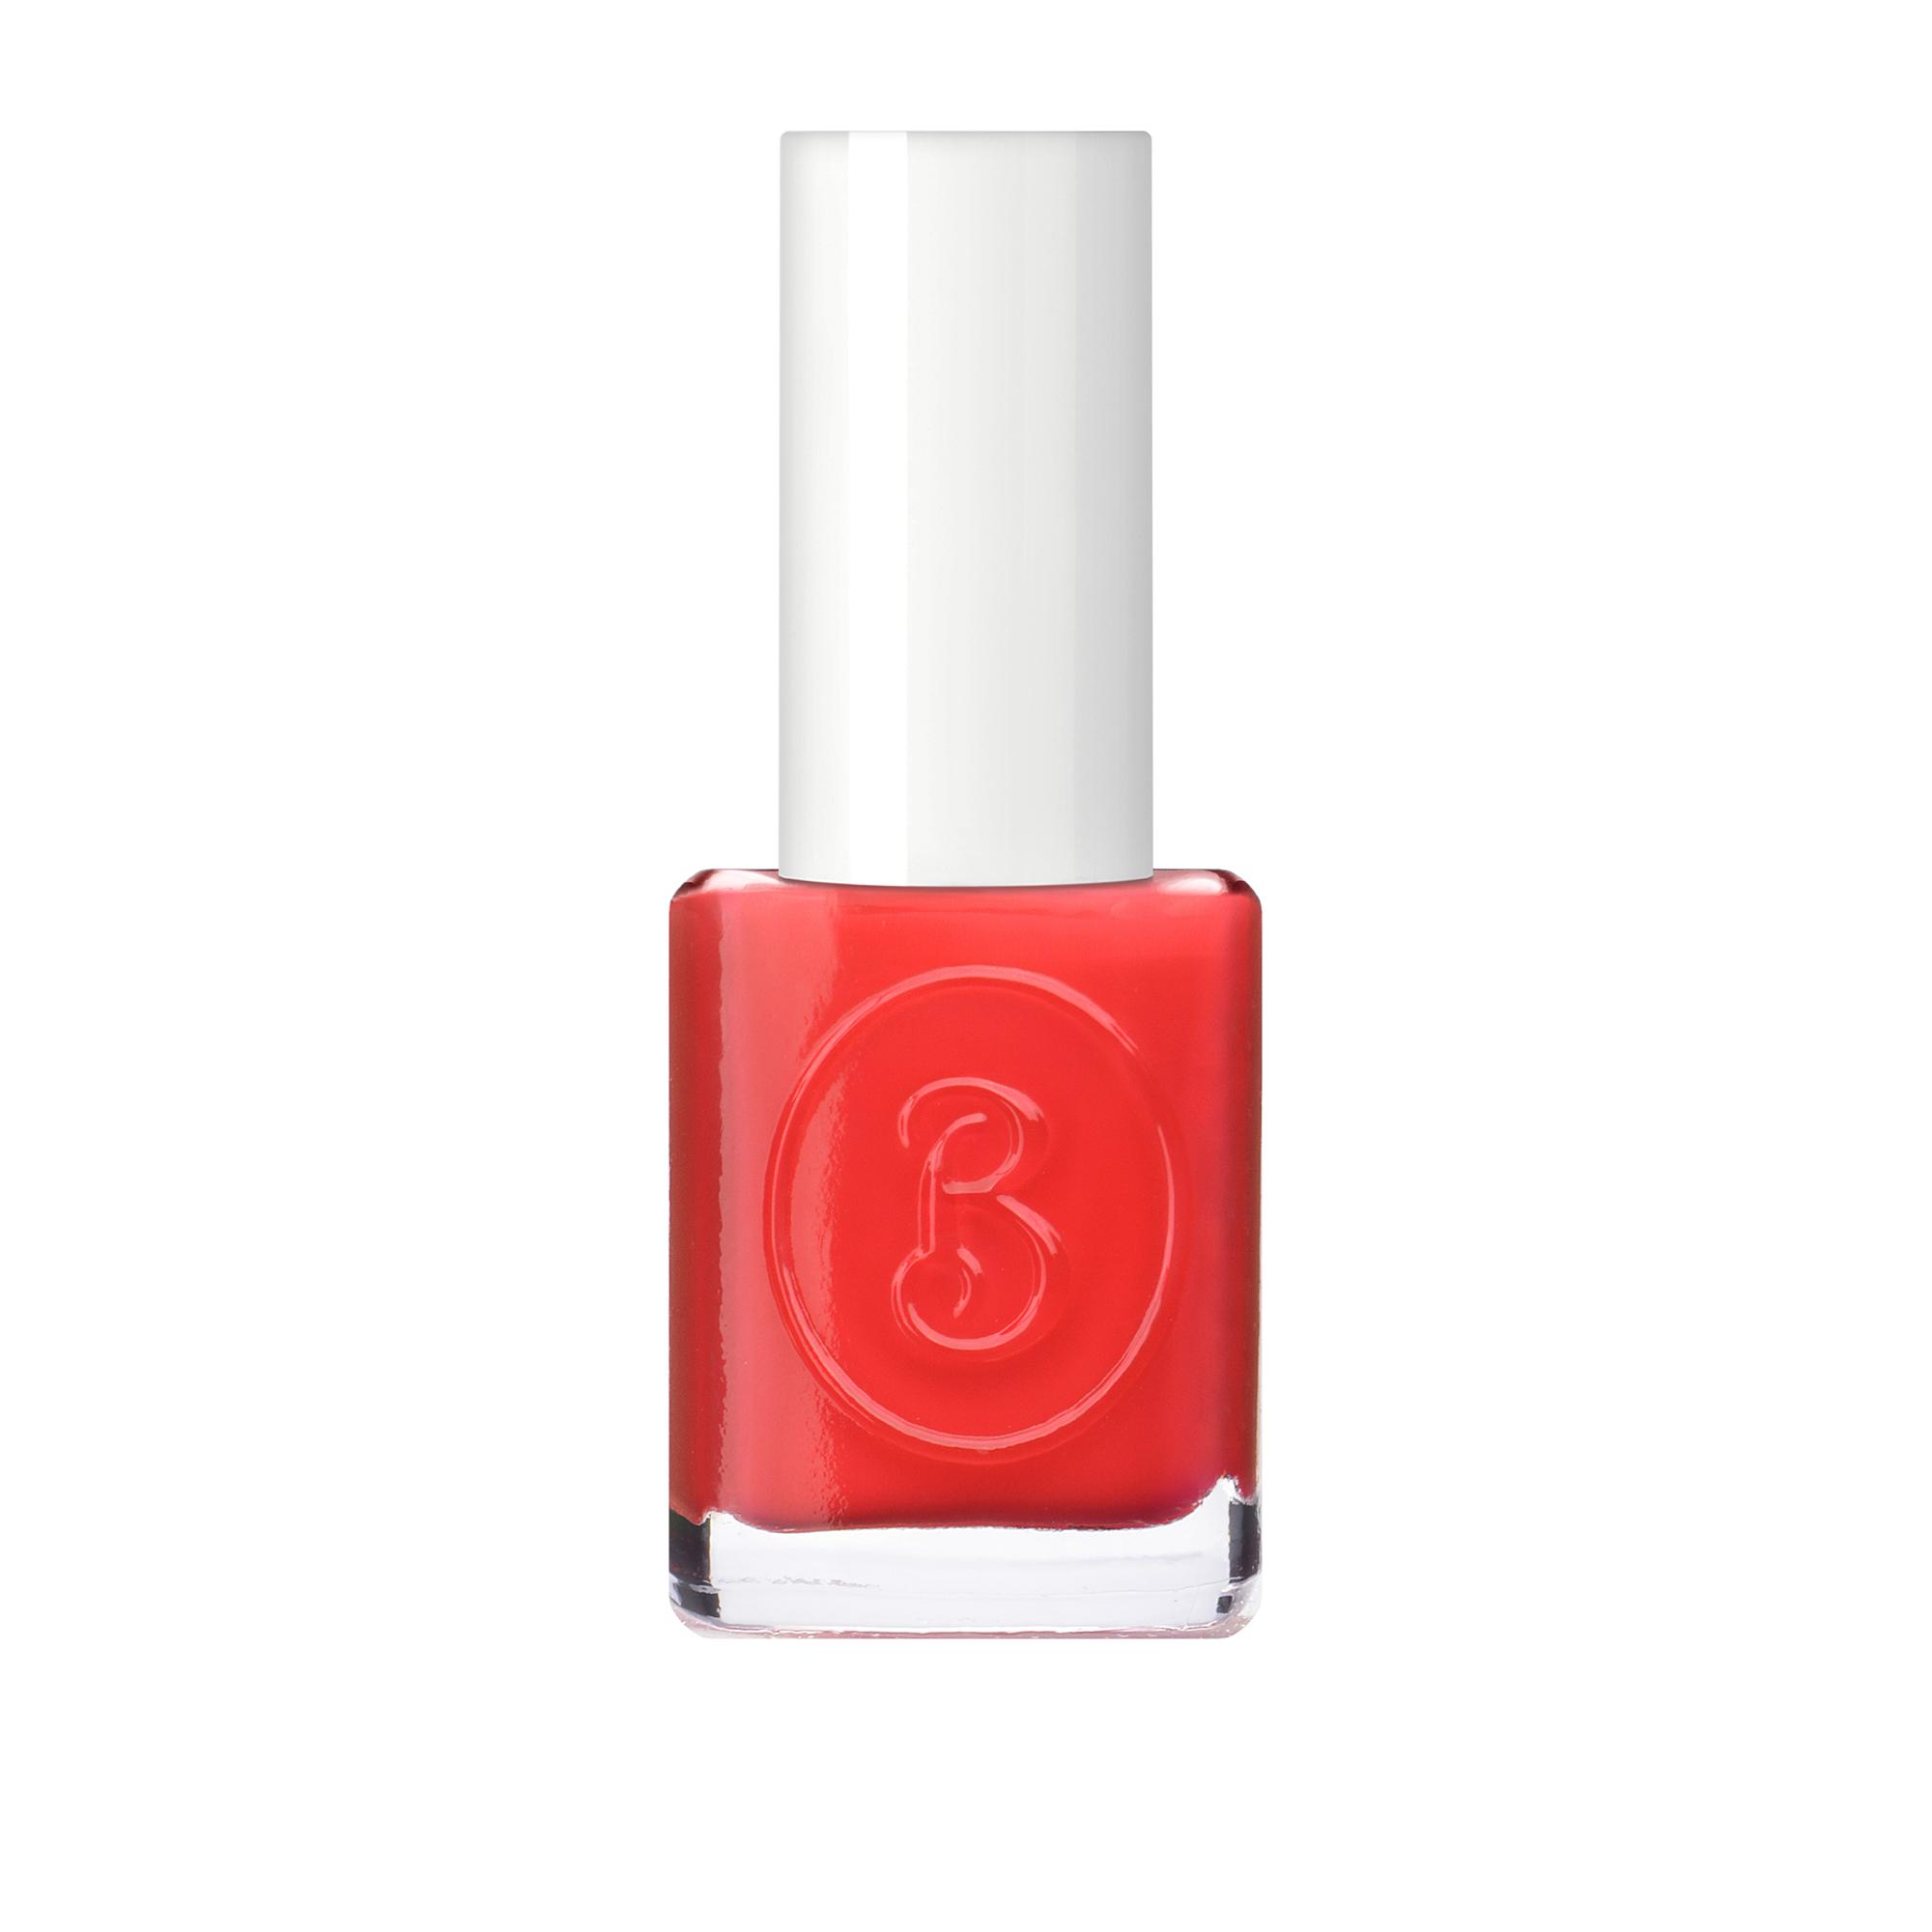 BERENICE 13 лак для ногтей, оранжево-красный / Orange red 16 мл пылесос endever skyclean vc 170